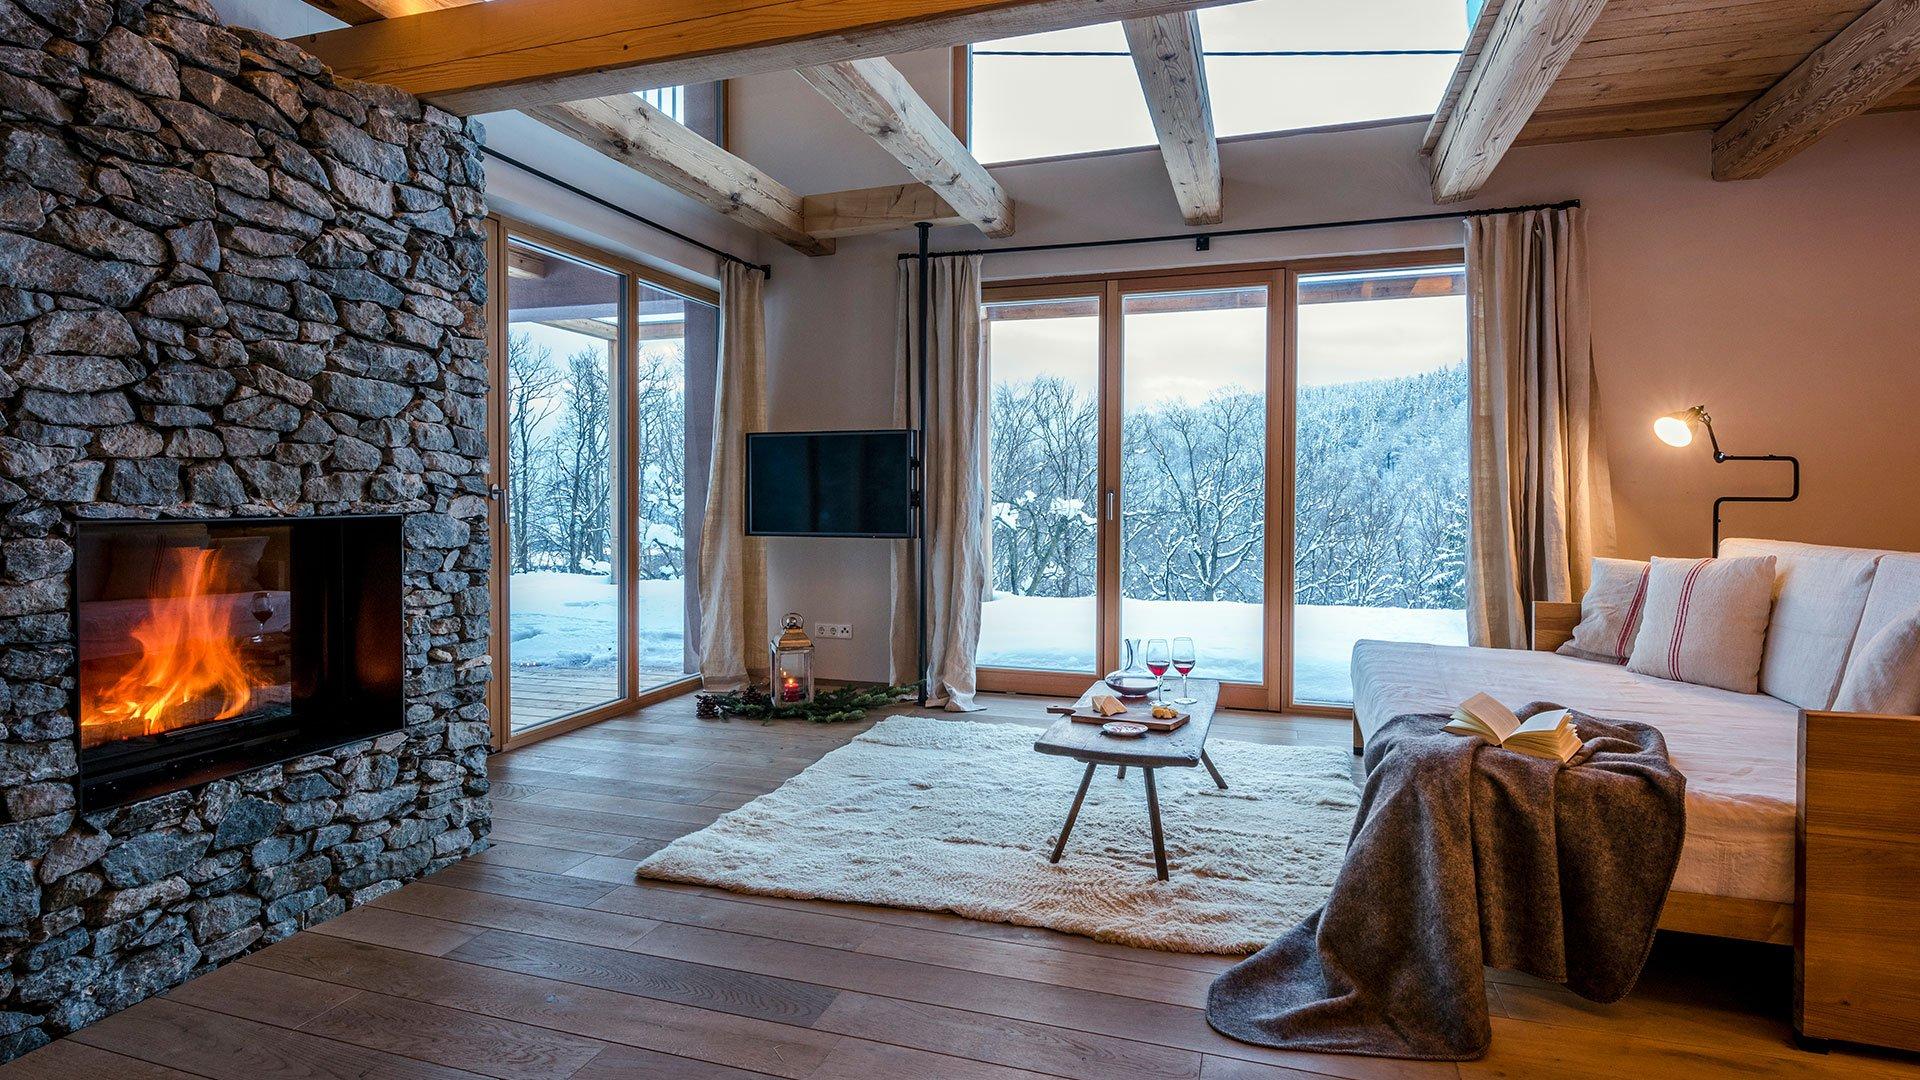 landhaus-altenbach-winter-wohnzimmer-1920x1080